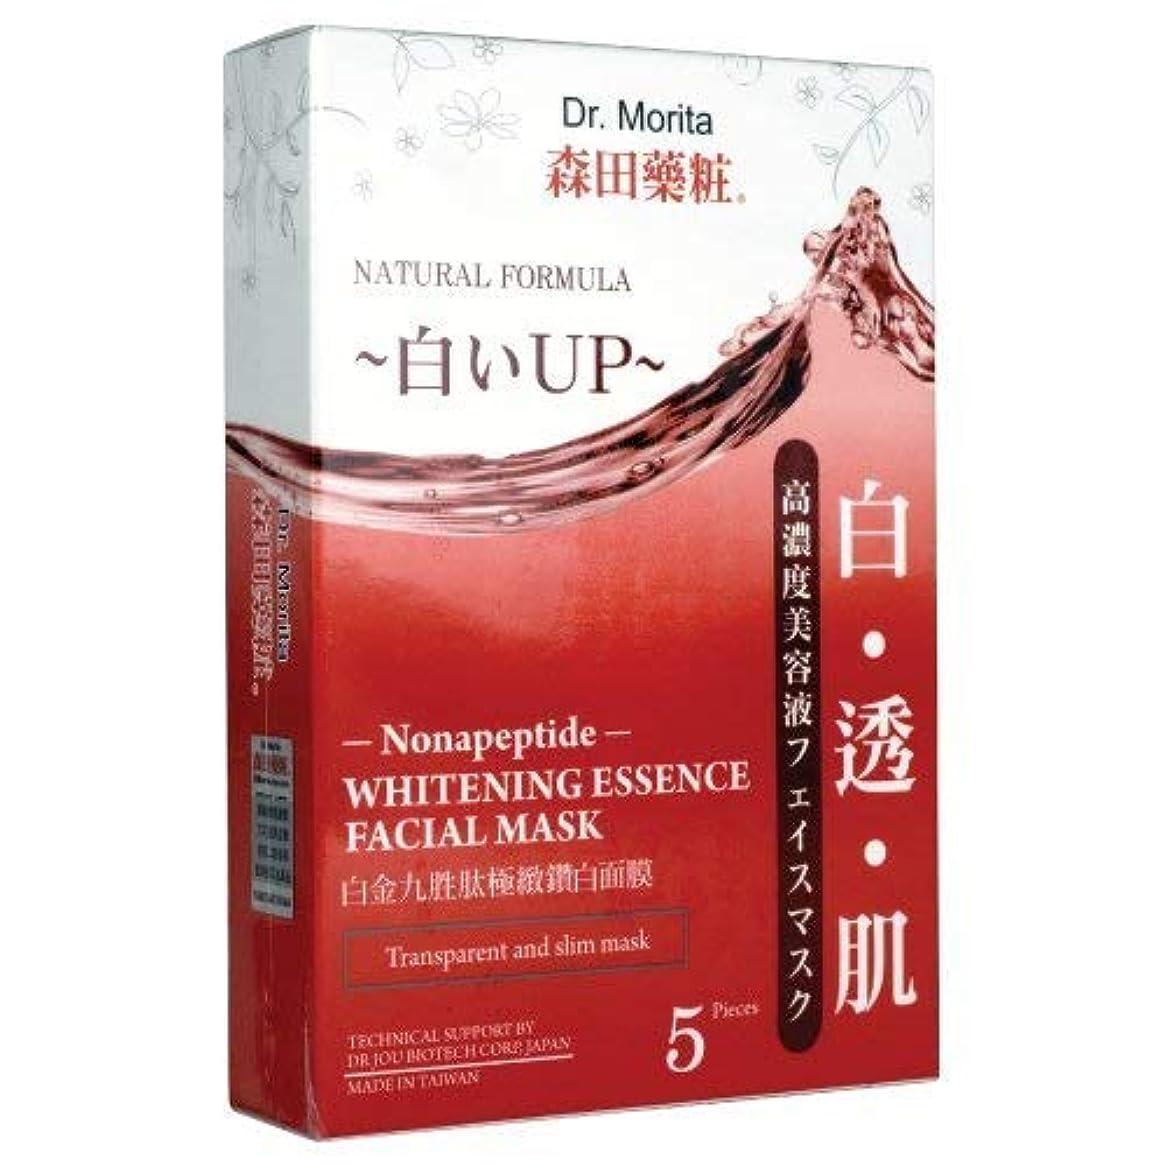 原告関与するつぼみDoctor Morita 皮膚はしなやかでしっとりするようにナノペプチドは、マスク5皮膚とのバランス肌の水分レベルをホワイトニング。